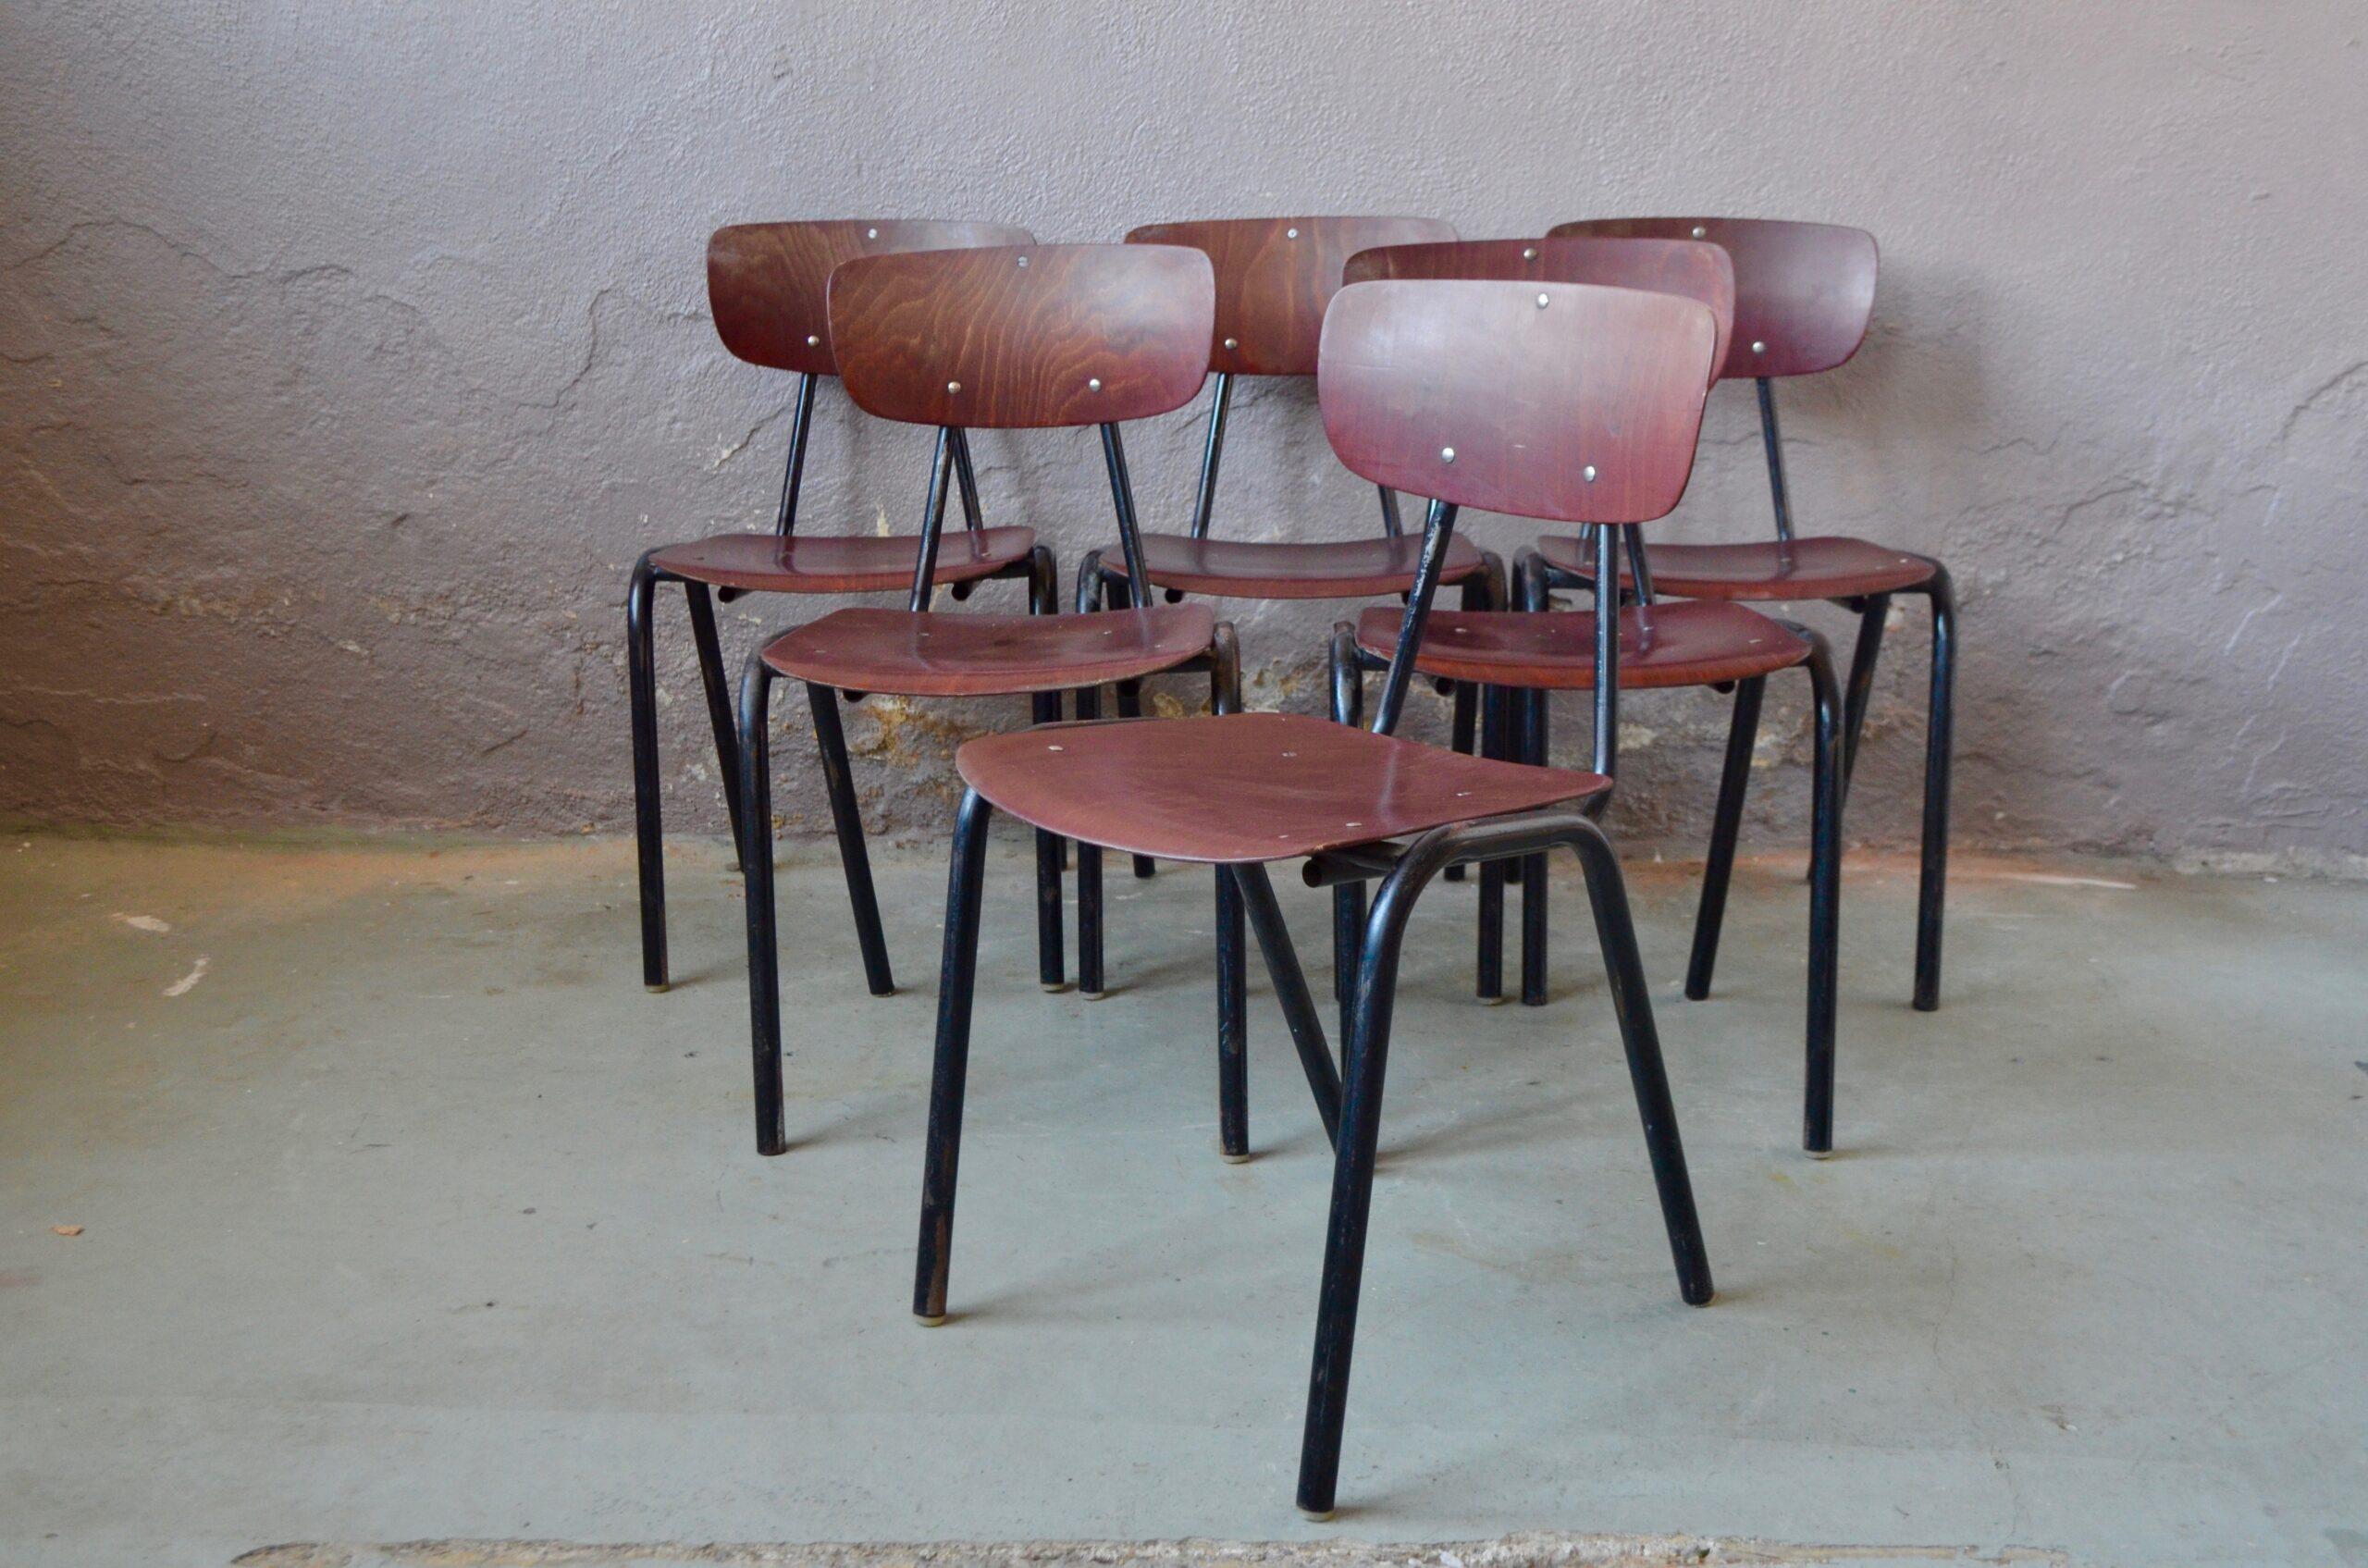 Lot série 6 chaises vintage coques pagwood pagoltz bois chrome vintage mobilier cuisine